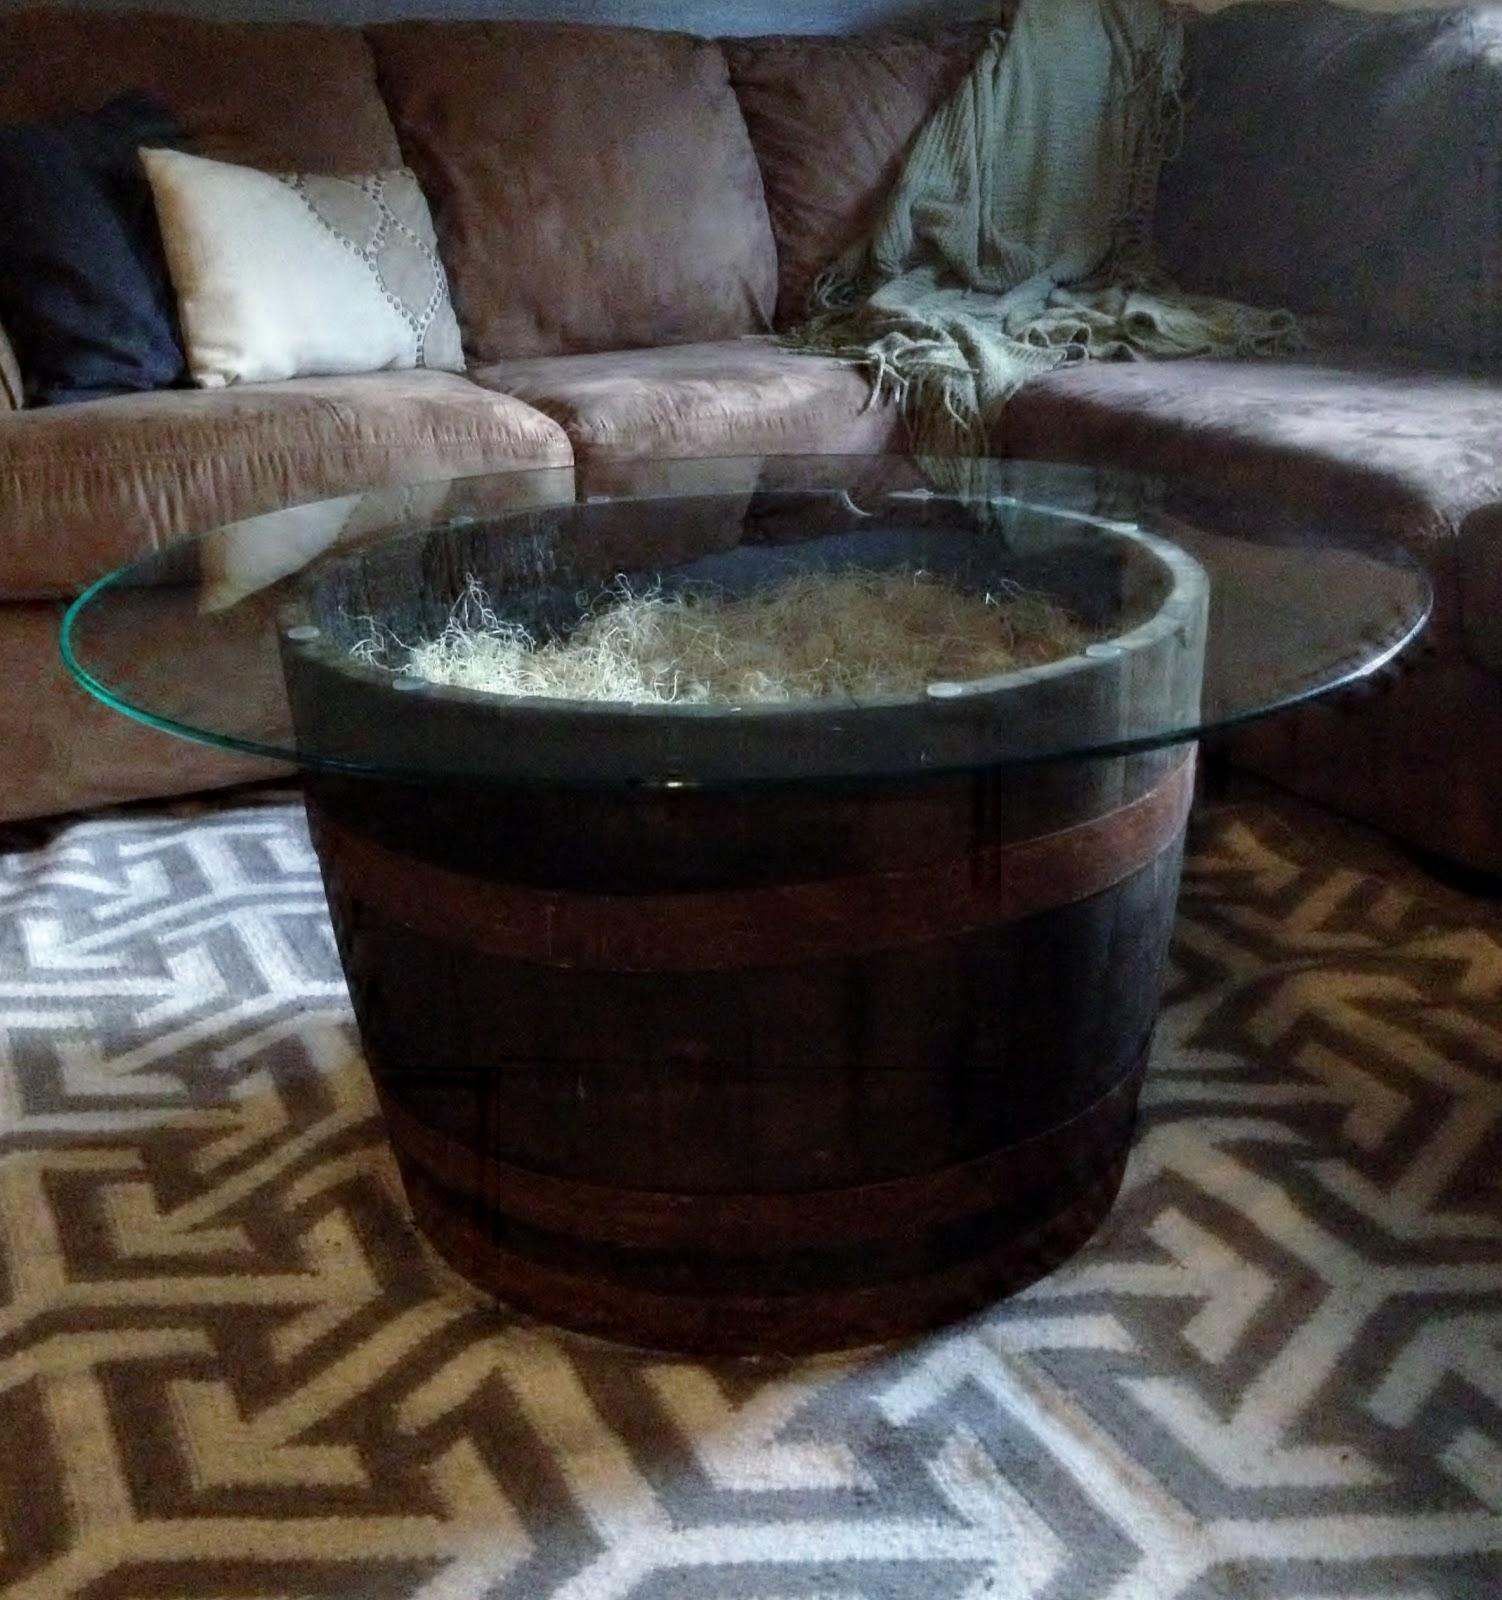 La via della felicita whiskey barrel coffee table whiskey barrel coffee table geotapseo Choice Image